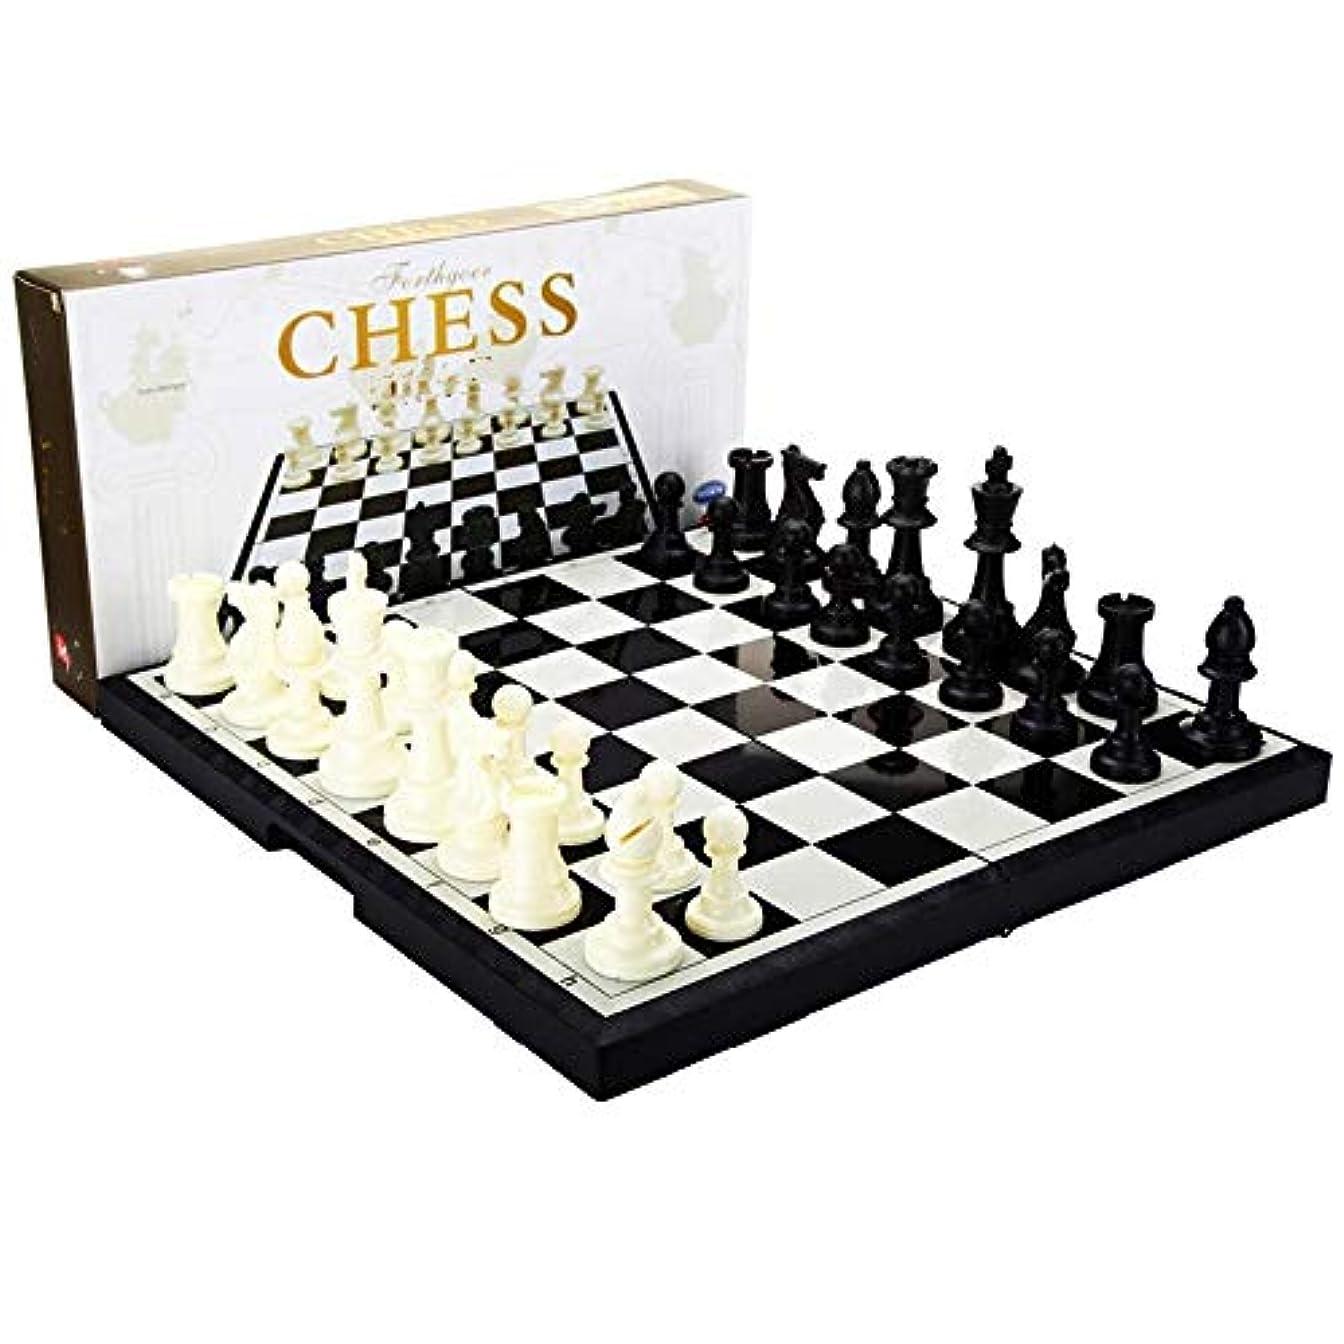 出血抑圧する艦隊木製チェスセット プラスチック磁気チェスとチェスおもちゃ - ブラックホワイトチェス 旅行にぴったりのチェス盤 (Color : Black, Size : 37x37x4cm)